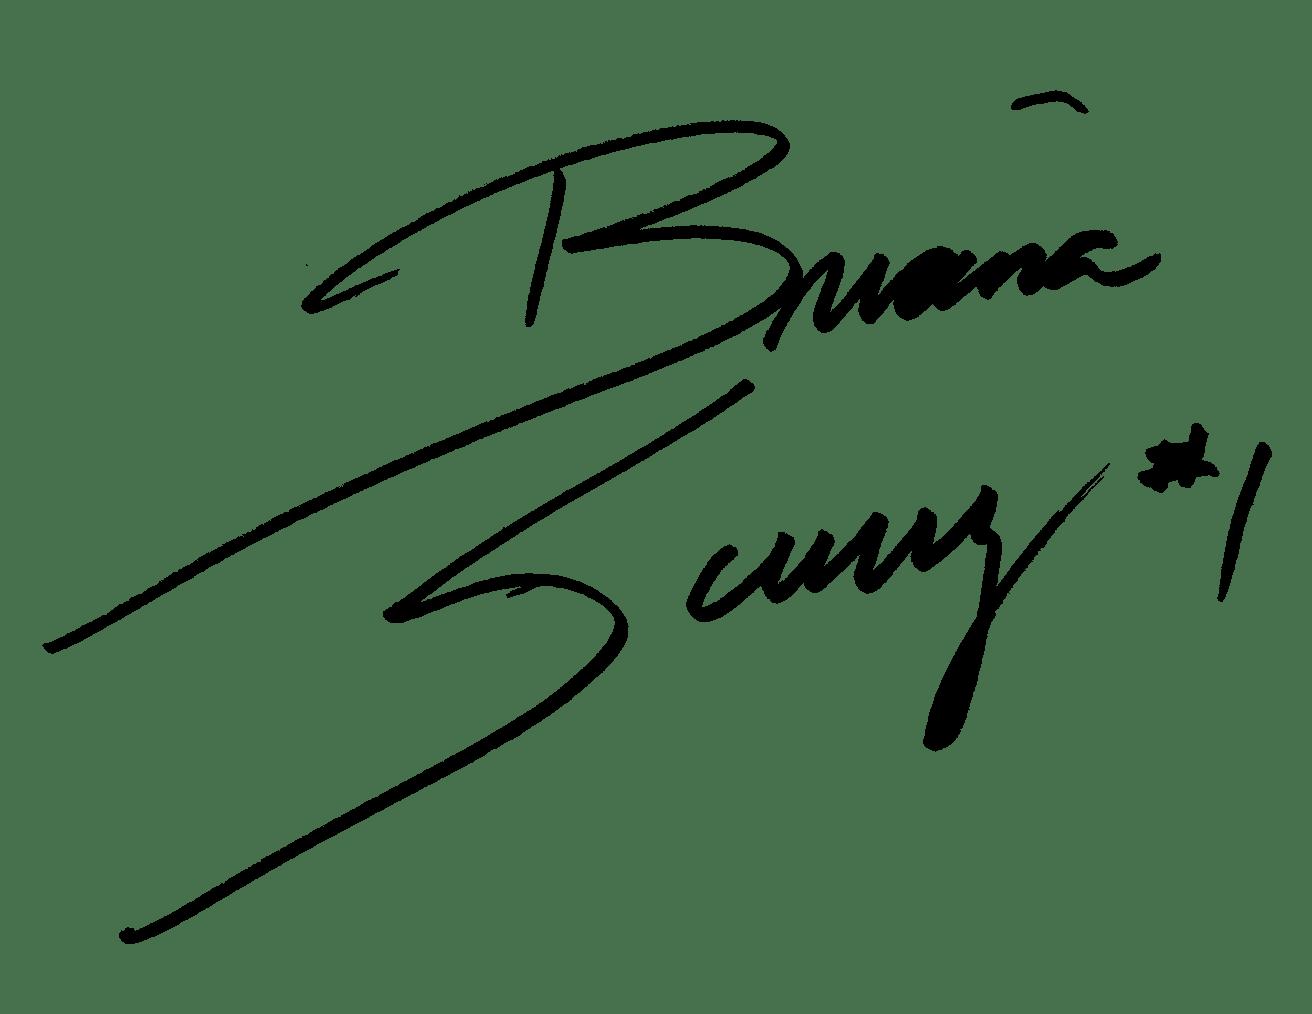 Briana Scurry Signature